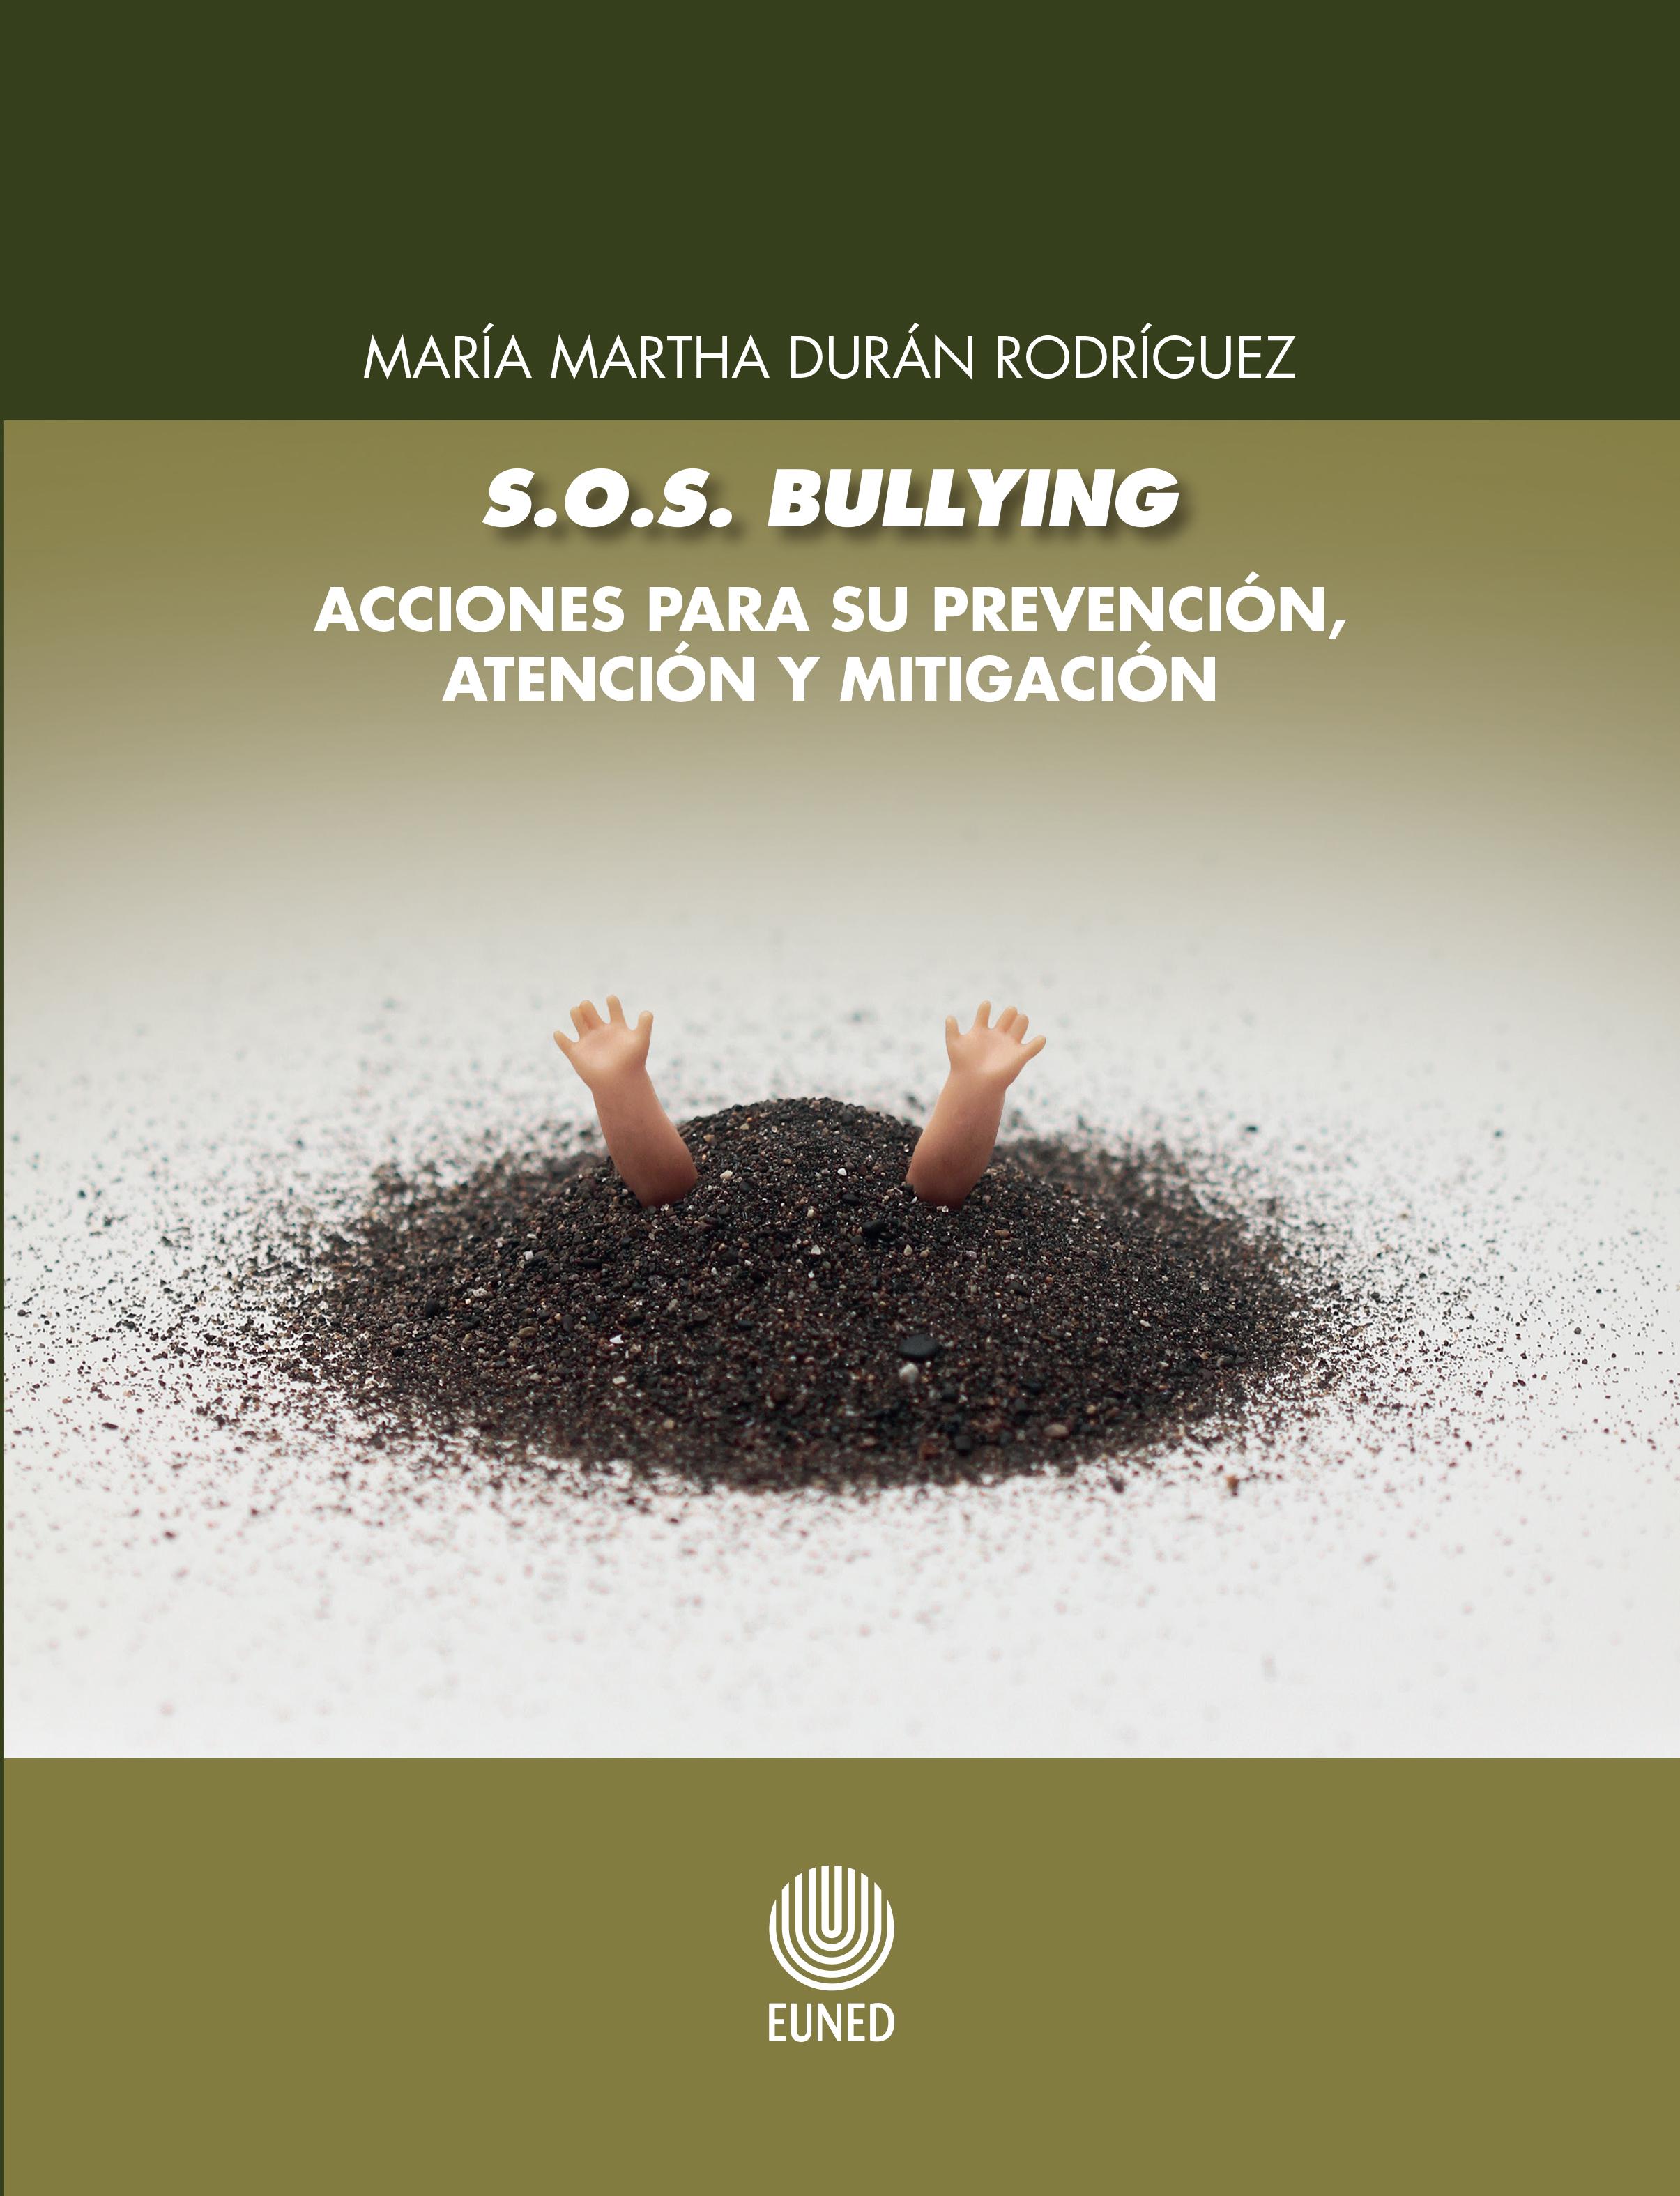 S.o.s Bullying: Acciones Para Su Prevención, Atención Y Mitigación